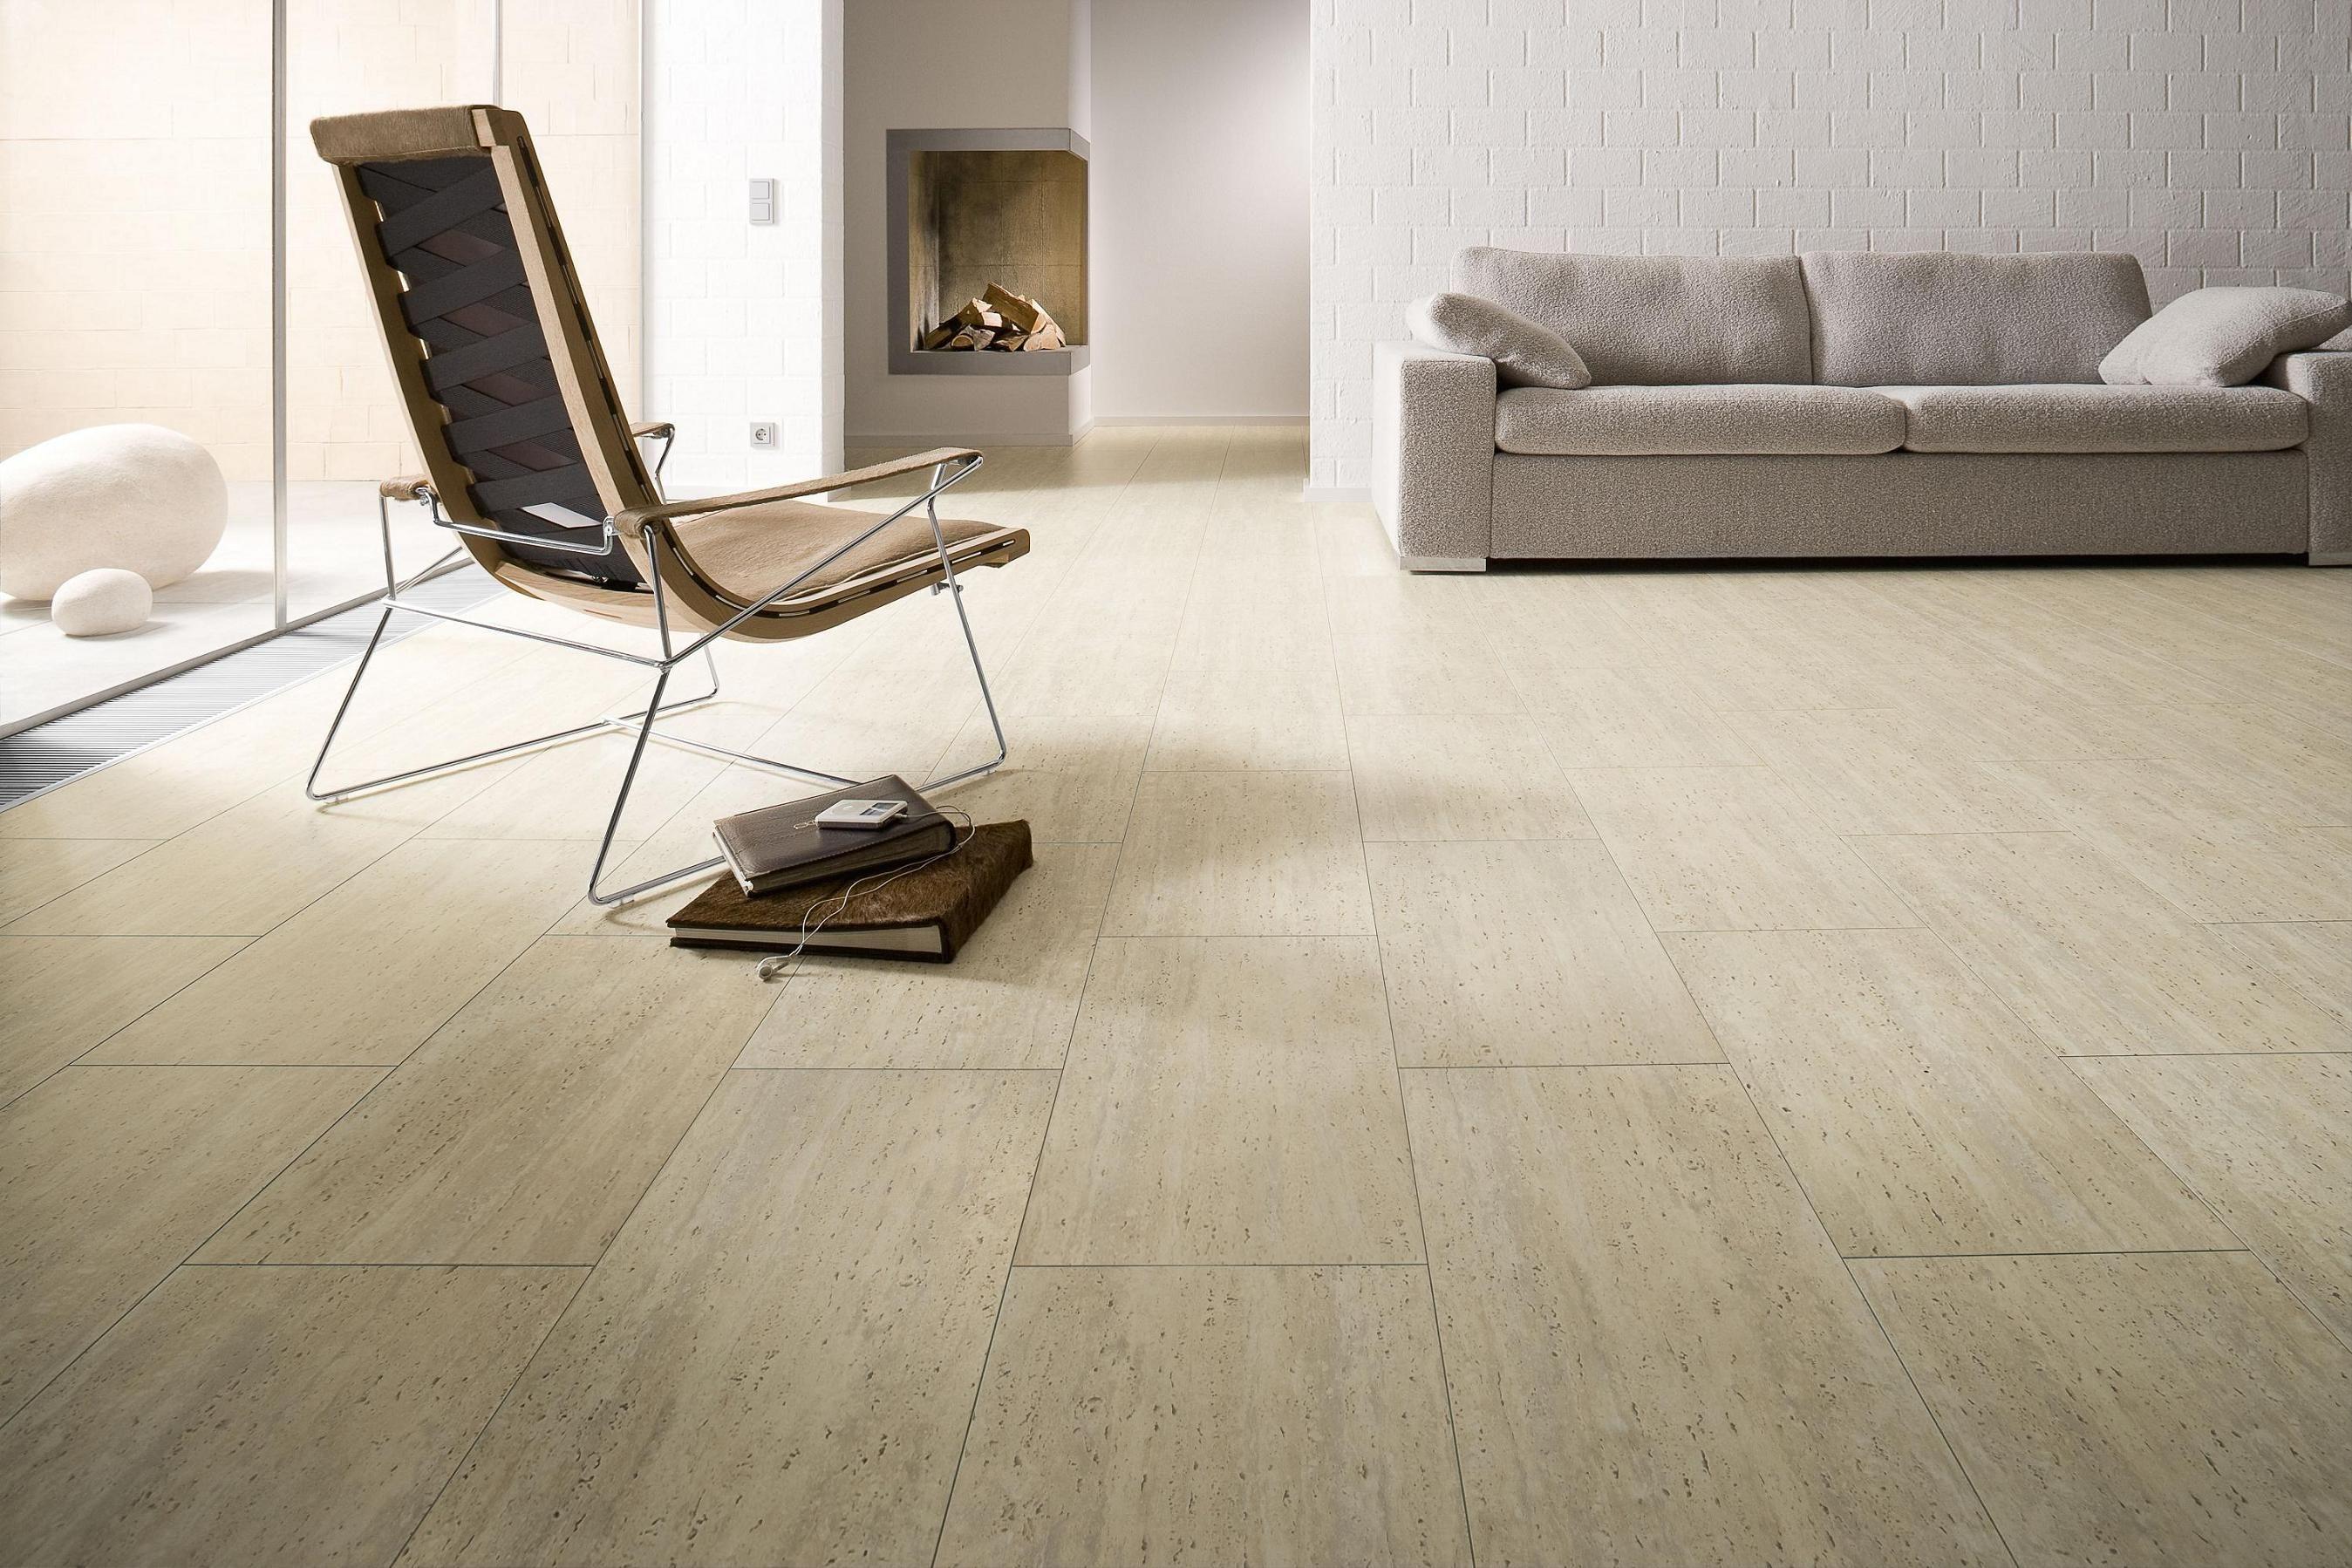 witte houten vloer - Google 搜尋